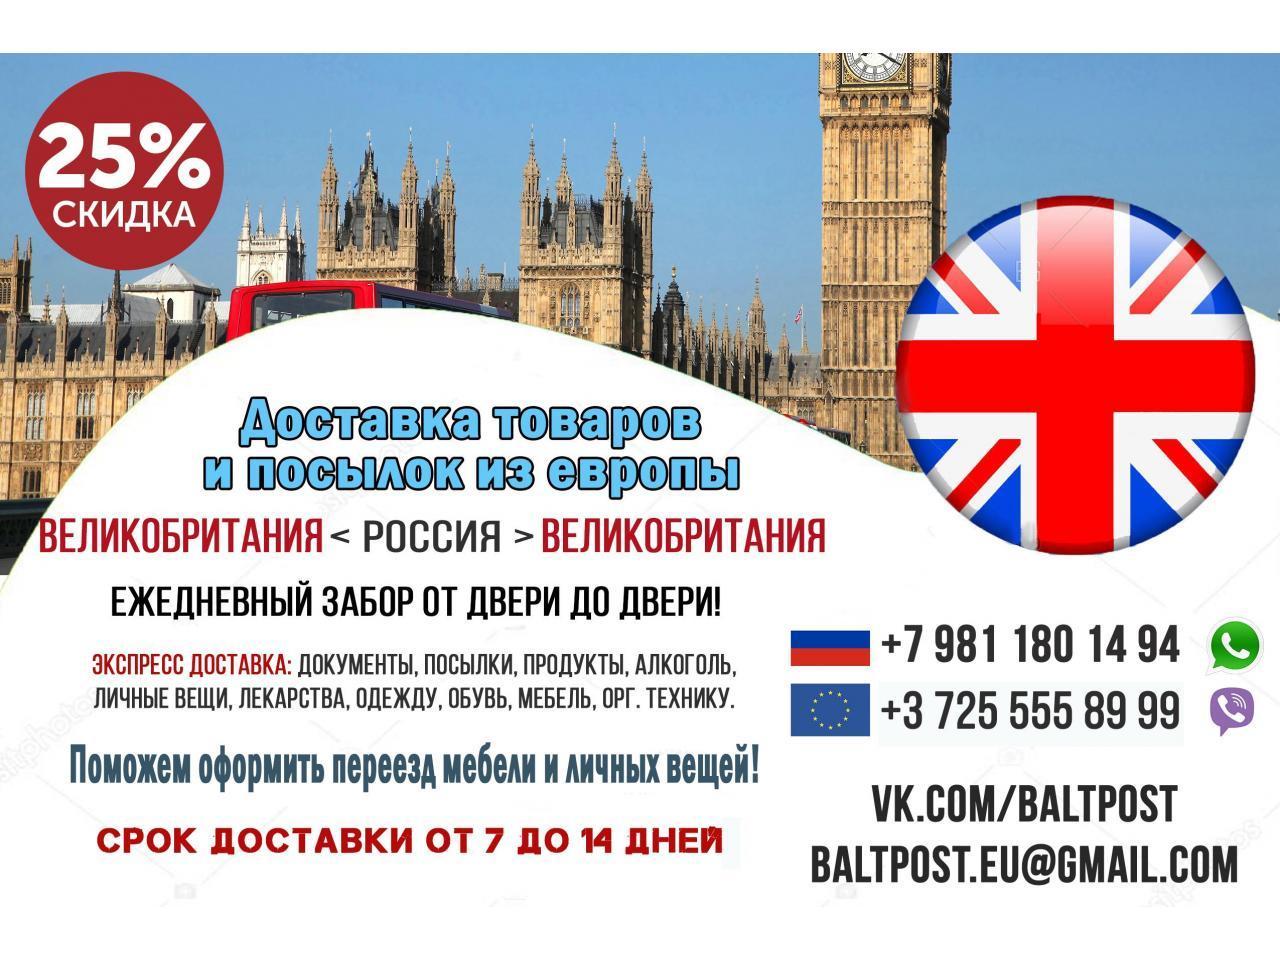 Доставка товаров и посылок из Англии в РФ и СНГ - 1